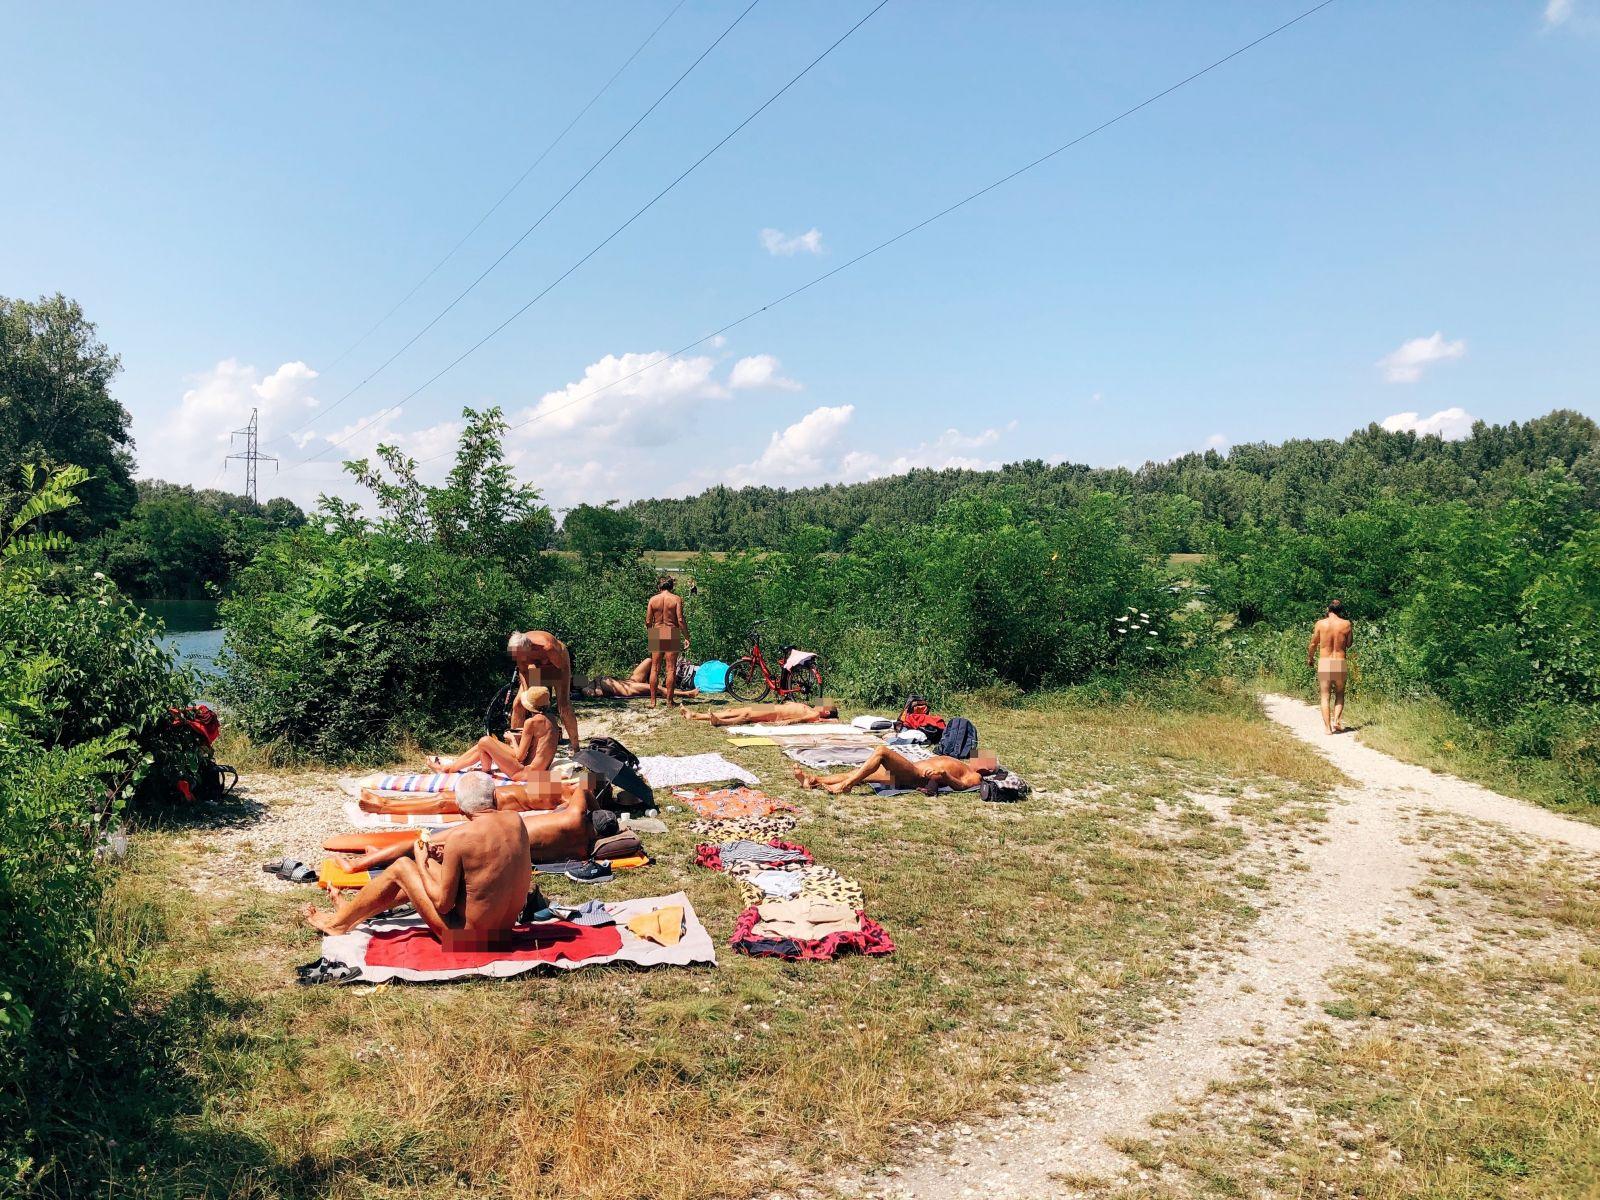 Boli sme na slovenskej nudapláži: Ako s nami flirtovali 70-ročné dôchodkyne a prečo sa nudisti cítia lepšie nahí?